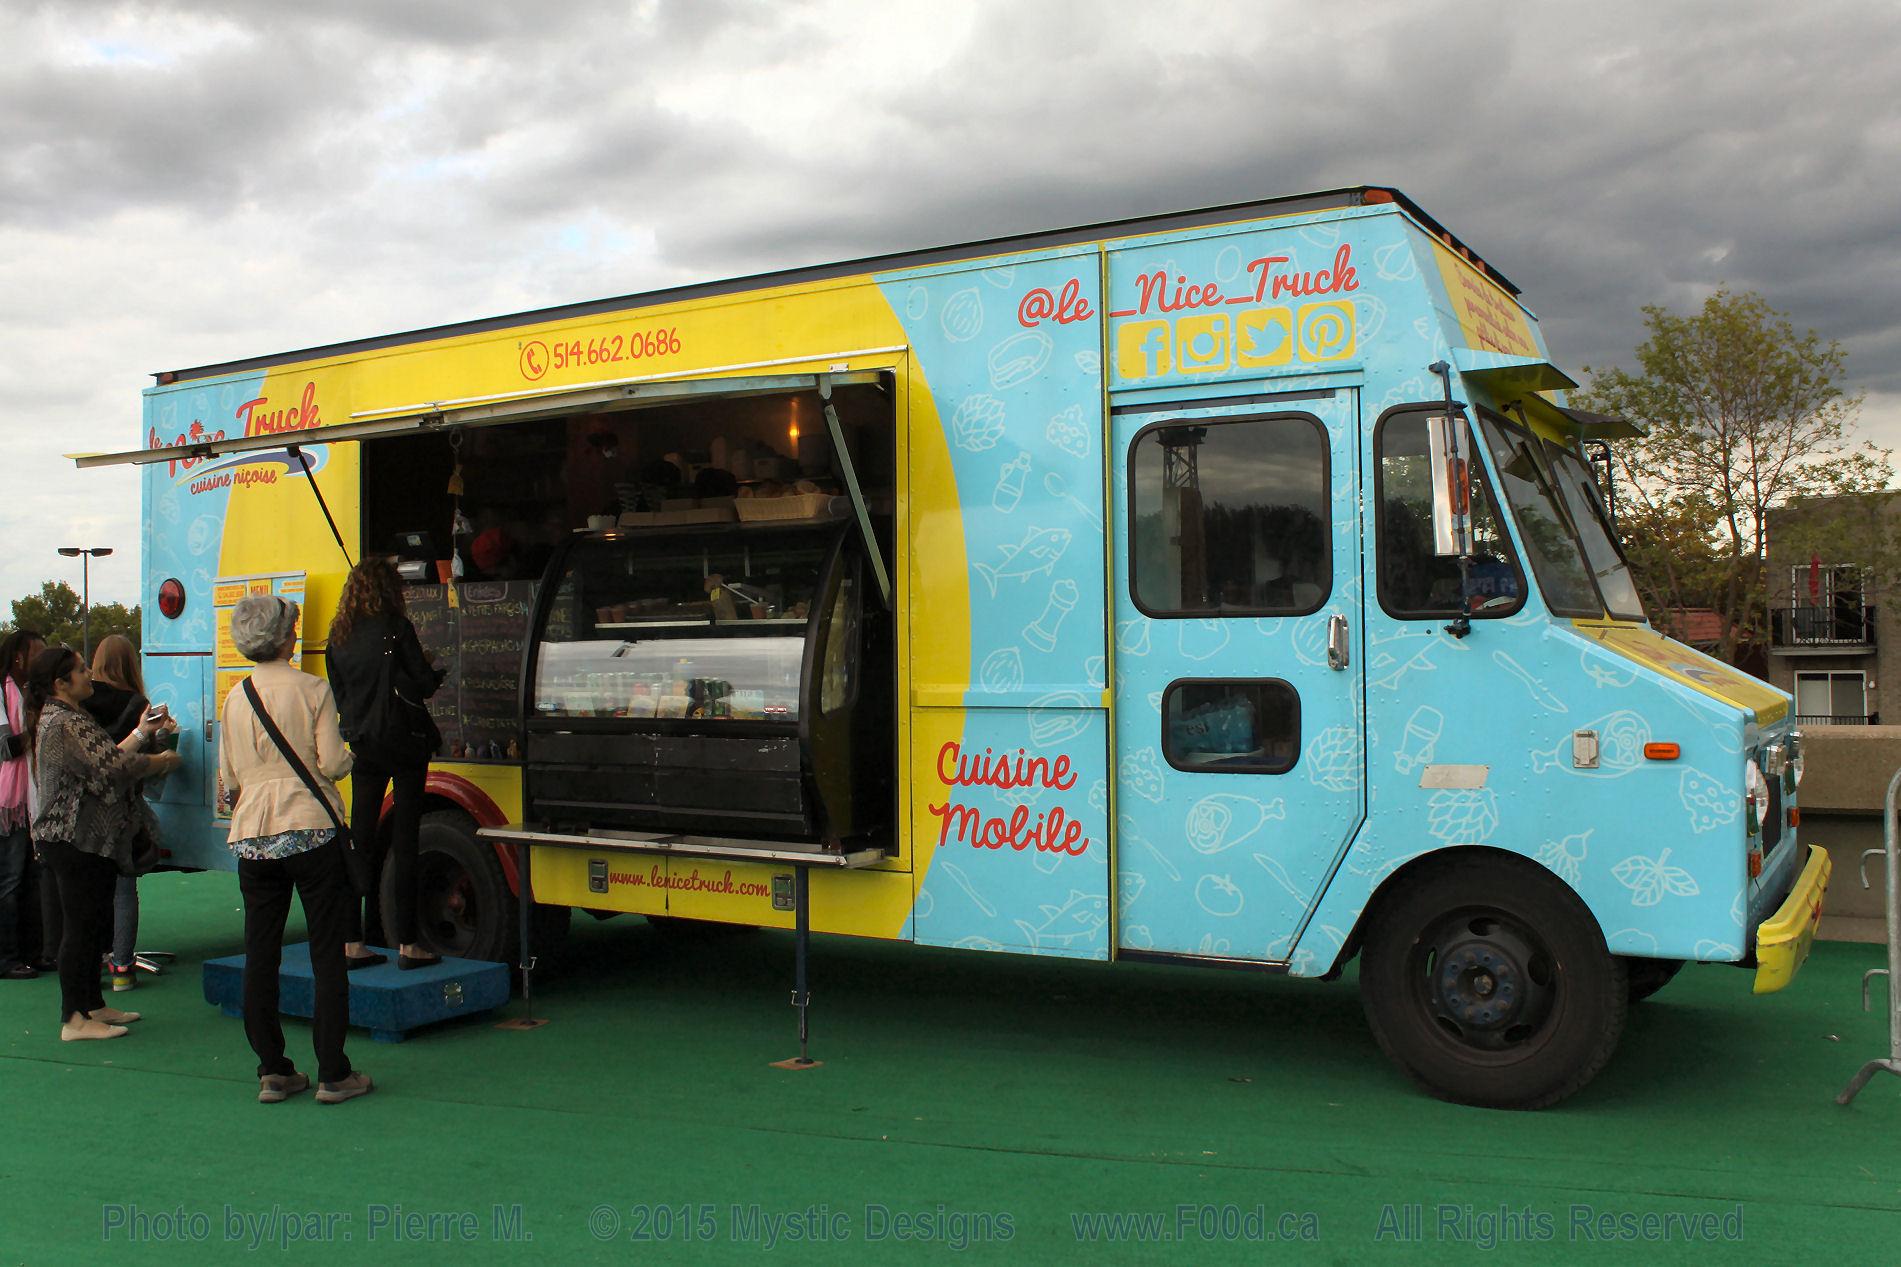 Mi Corazon Food Truck Menu